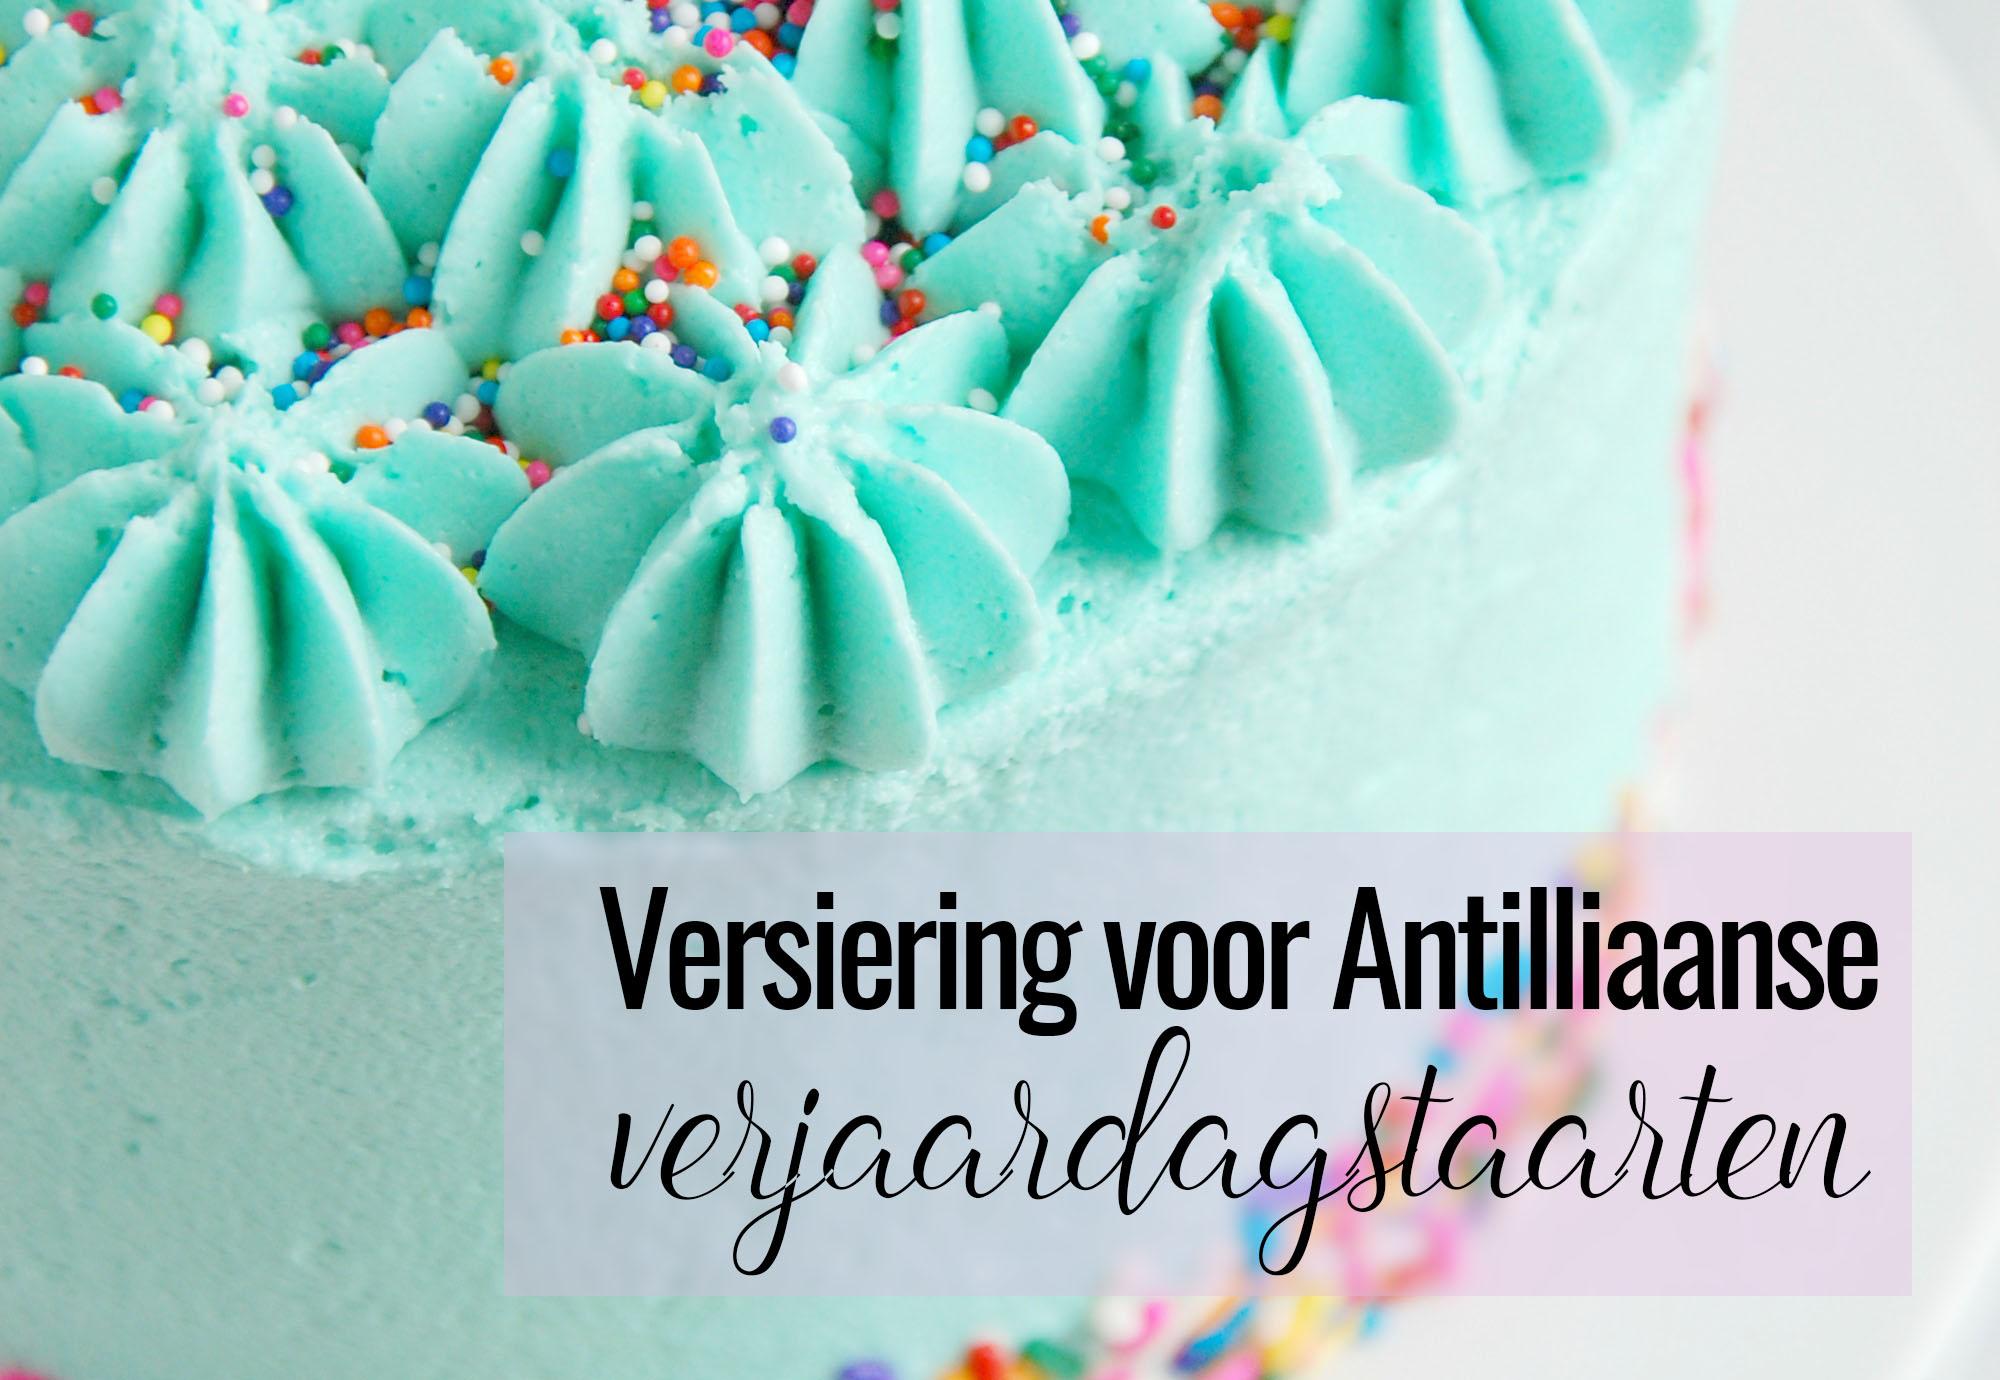 arubaanse taart Antilliaanse verjaardagstaart versieren? royal icing recept (suku  arubaanse taart